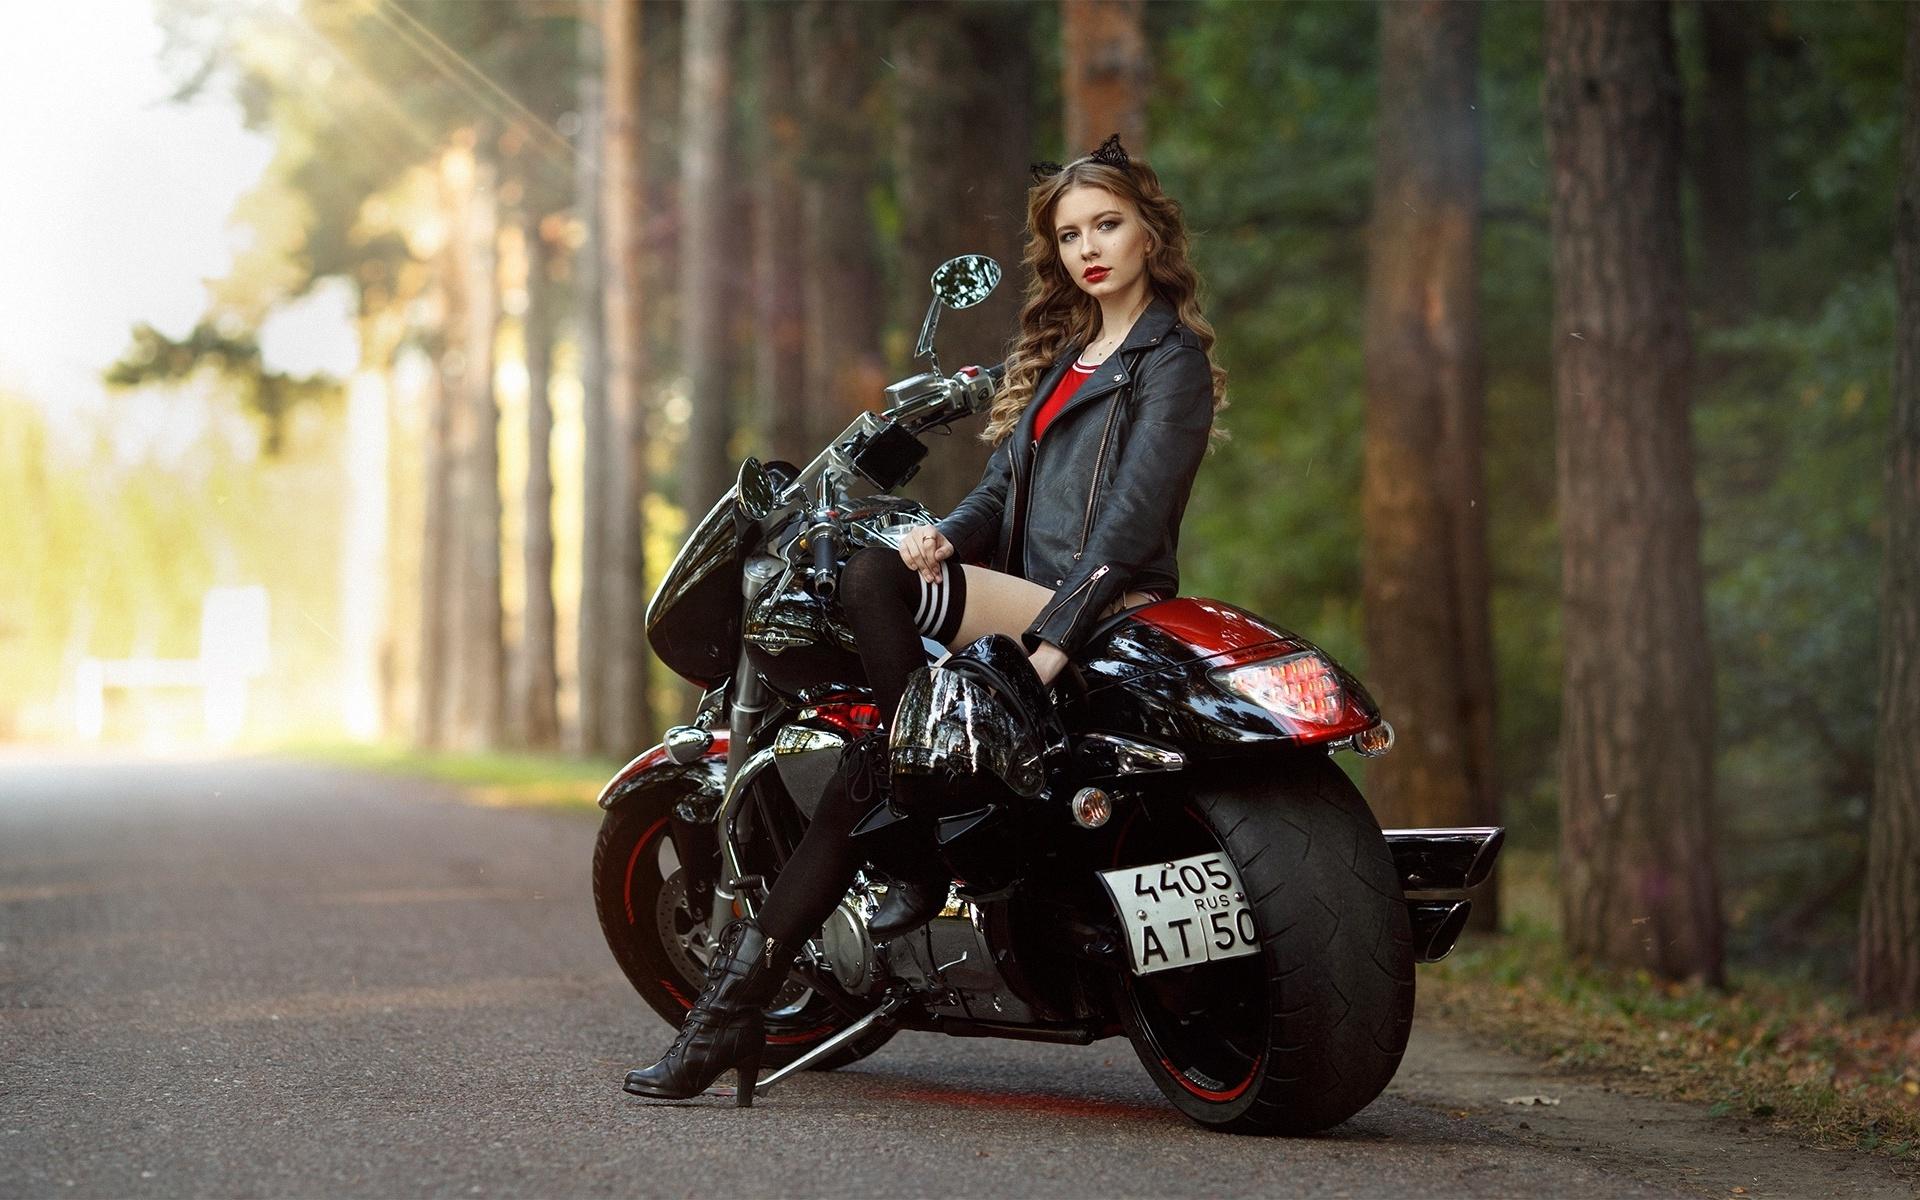 дошли профессиональные фото на мотоцикле девушки были свои